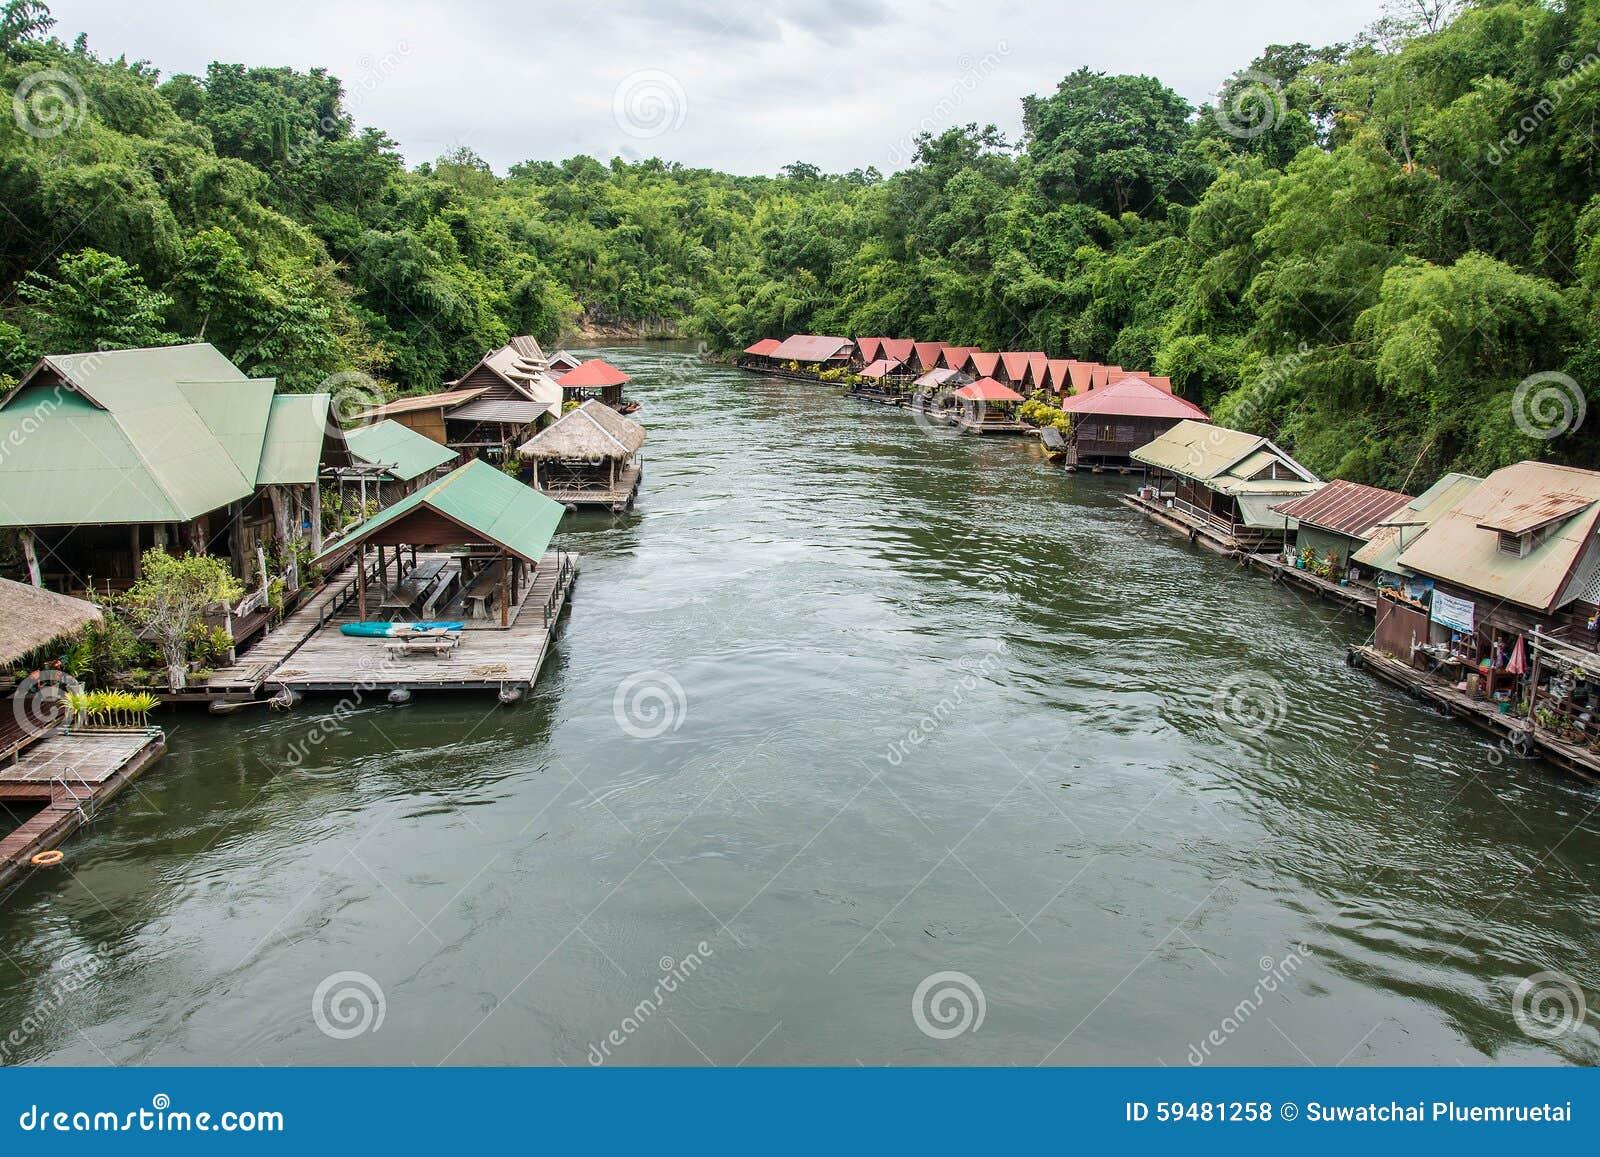 Floating House In River Kwai. Taken At Sai Yok Yai ...